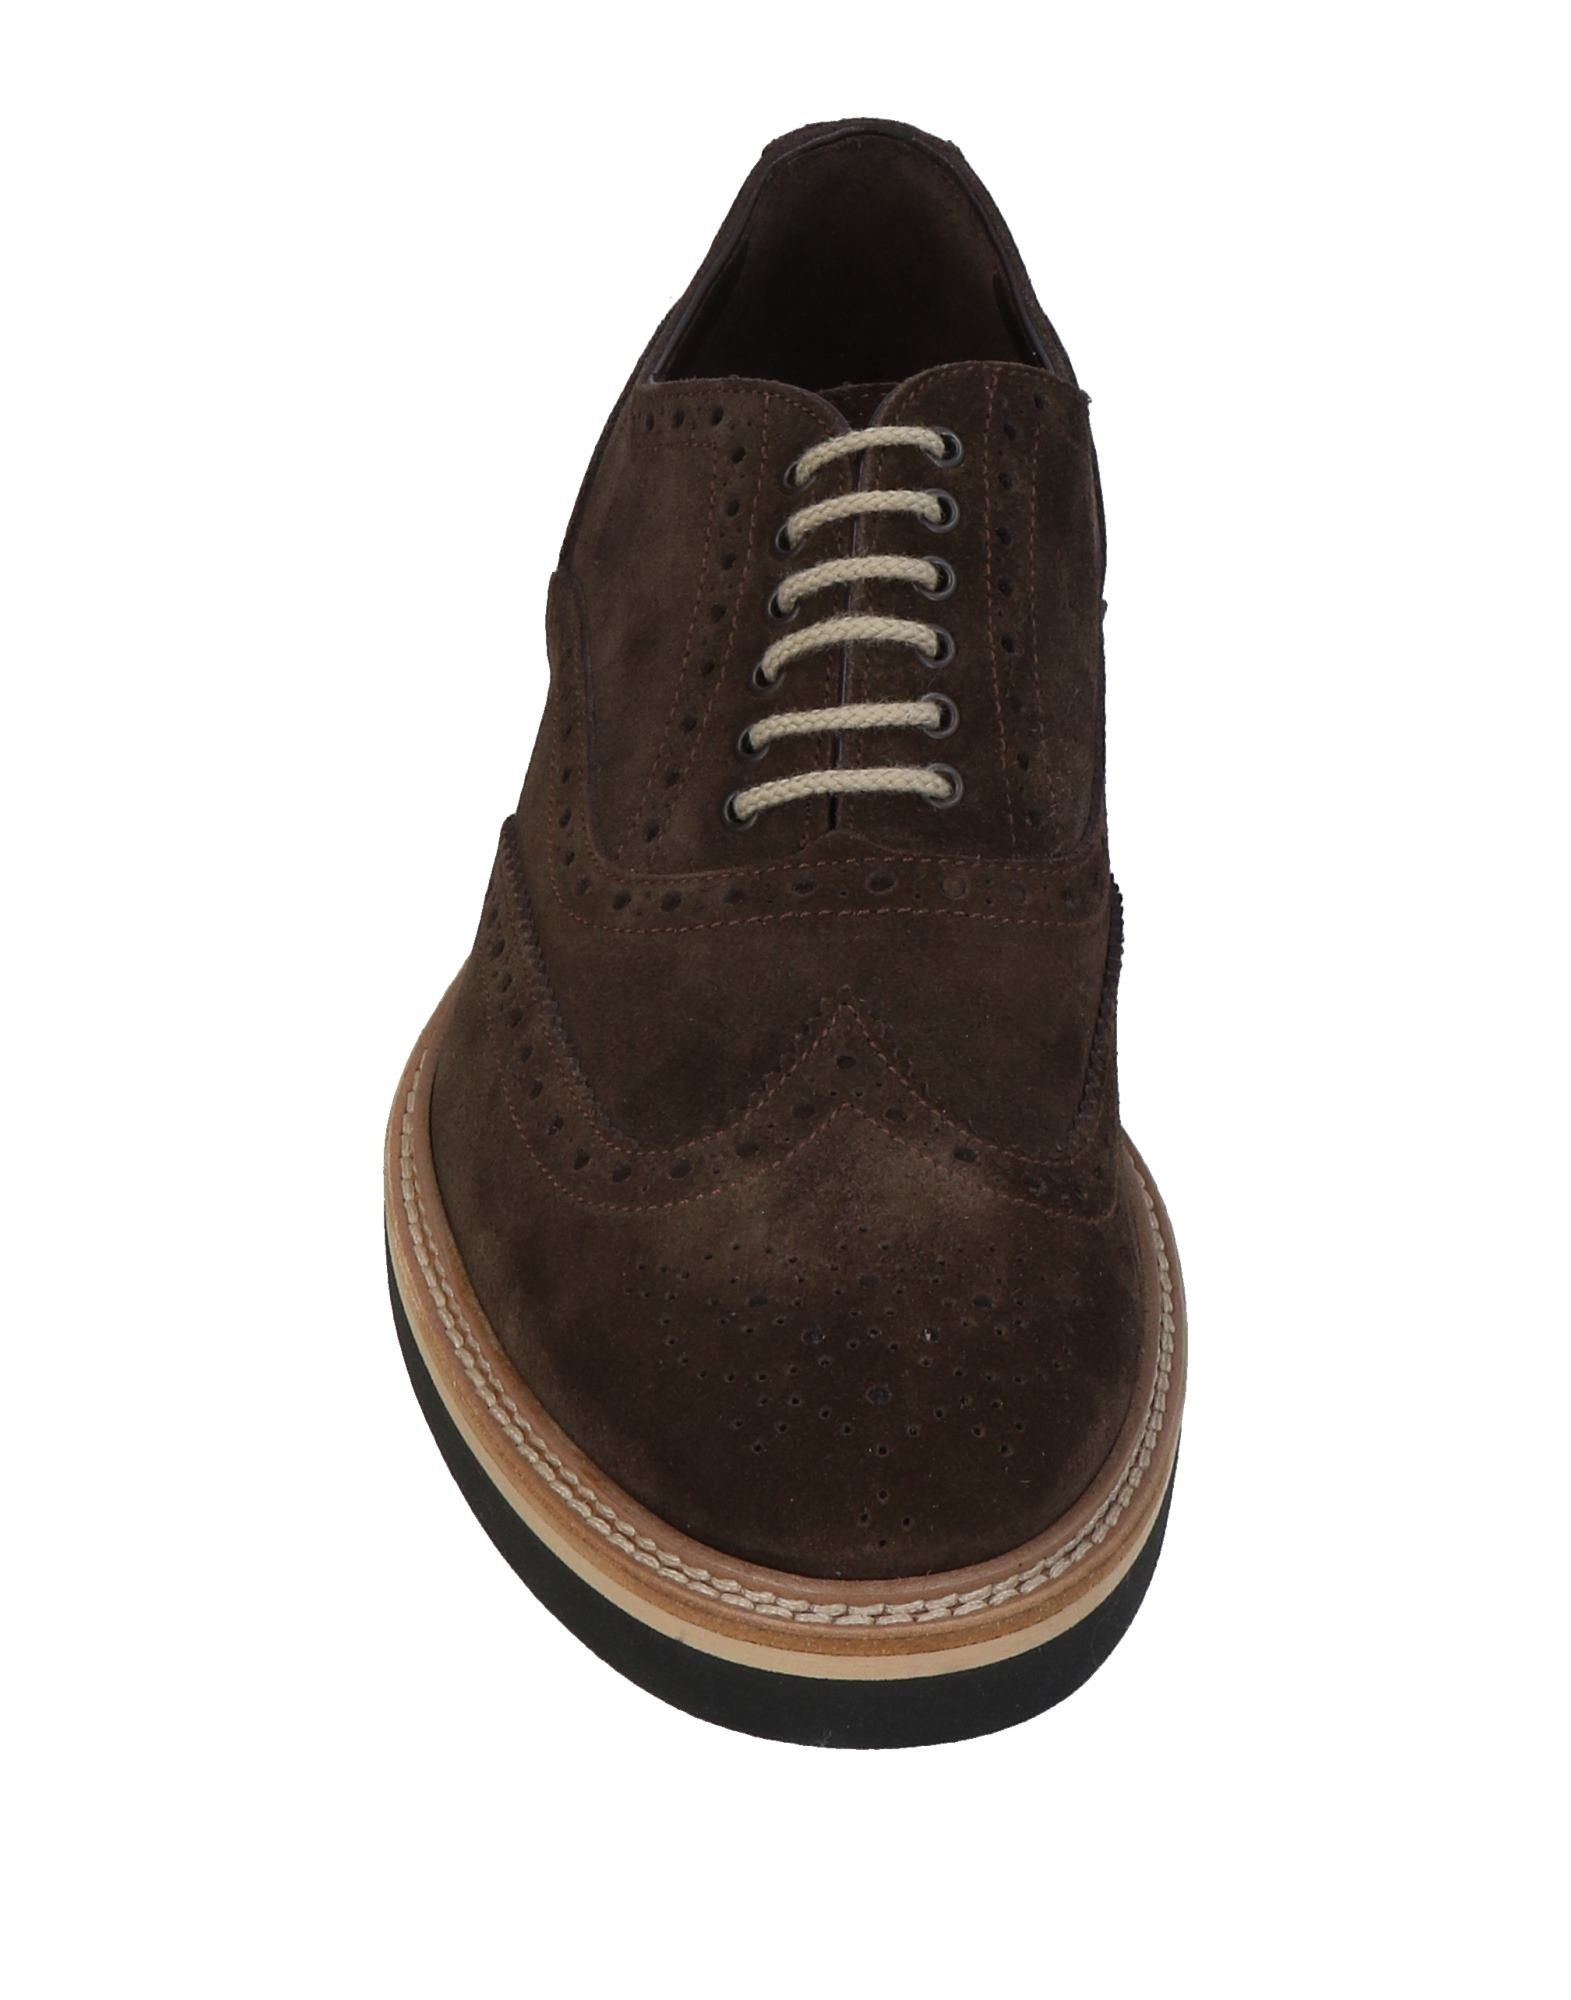 Schnürschuhe Verdelli Schnürschuhe  Herren  11454295RB Heiße Schuhe b02a9f